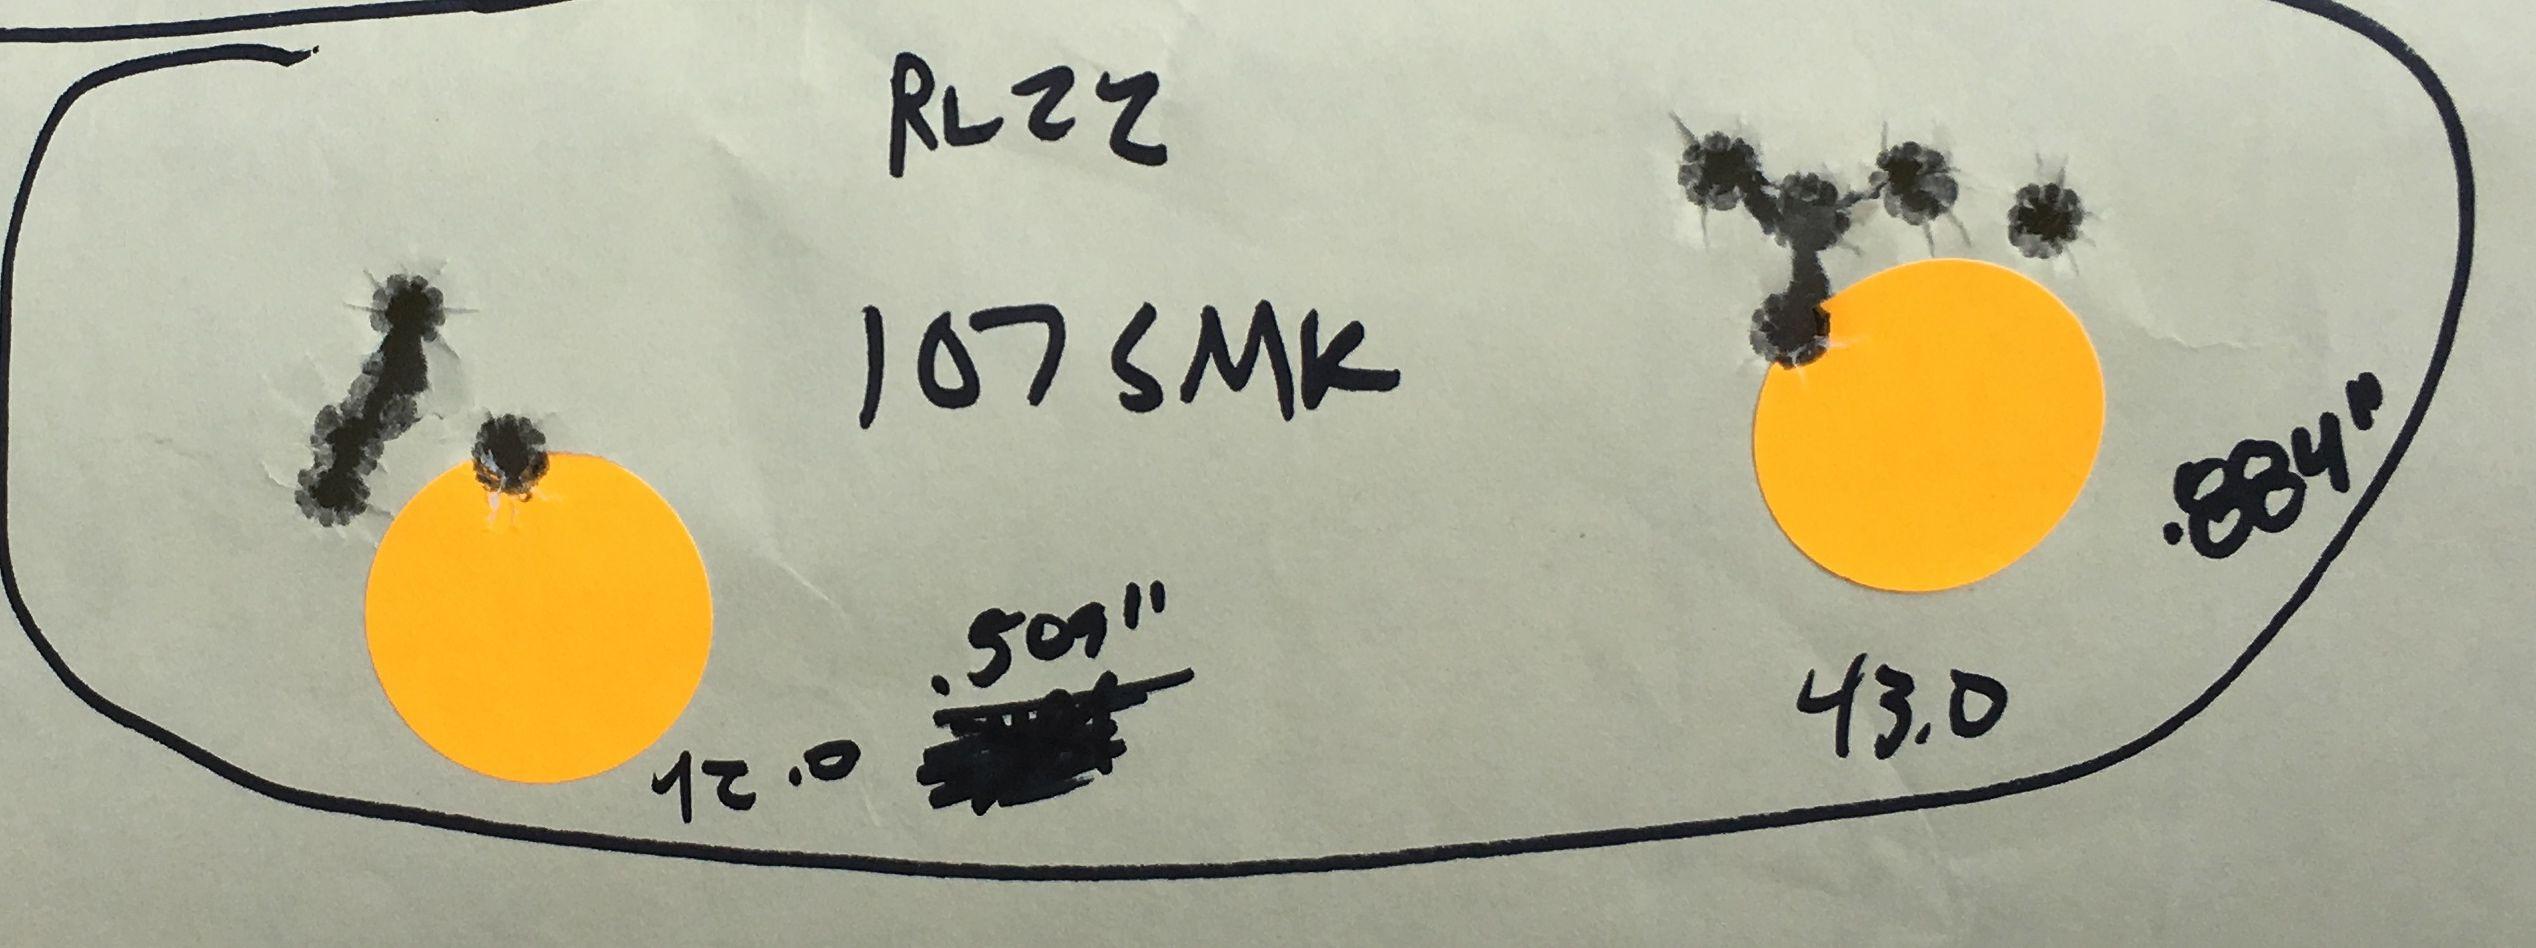 243 107 smk RL22